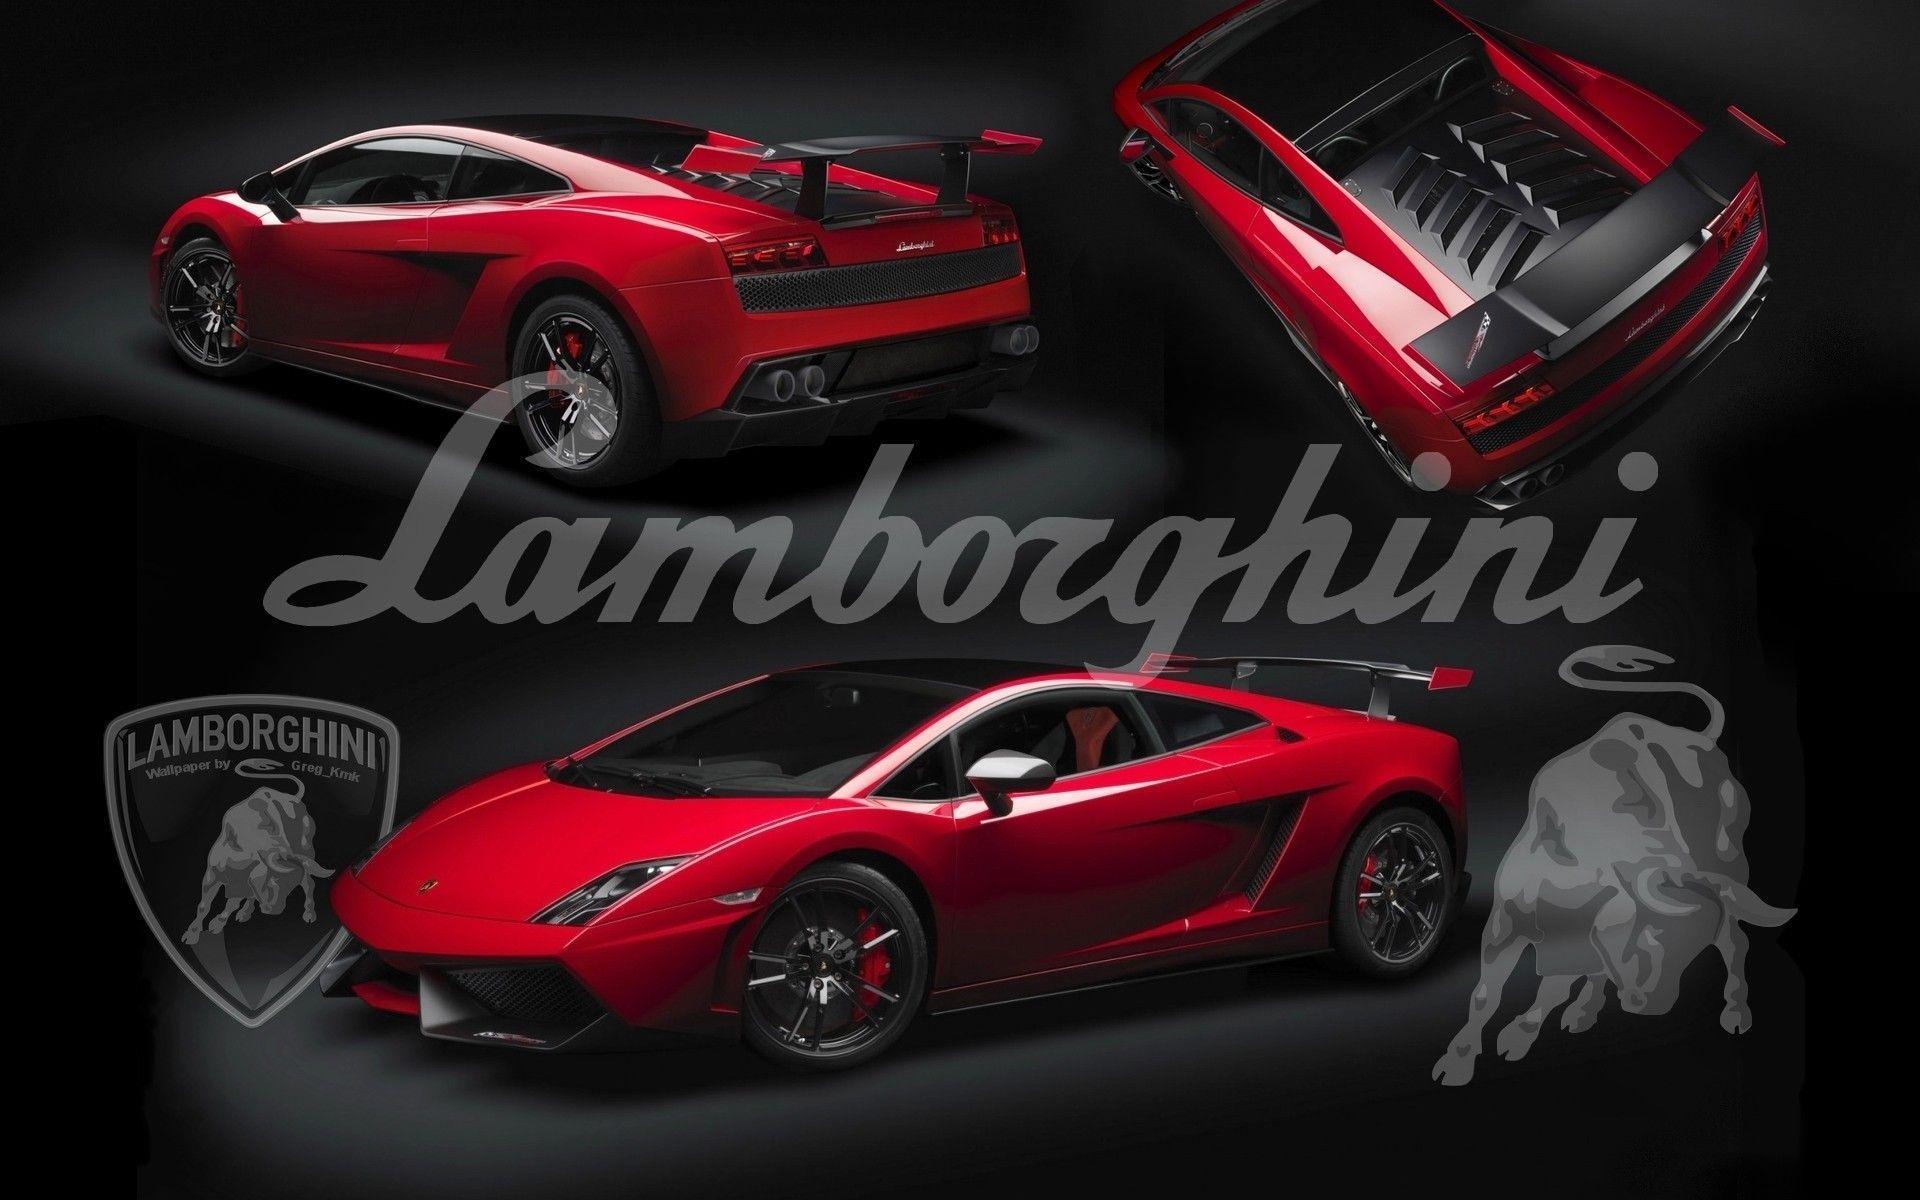 3d Wallpapers Lamborghini Wallpapers: Cool Lamborghini Wallpapers